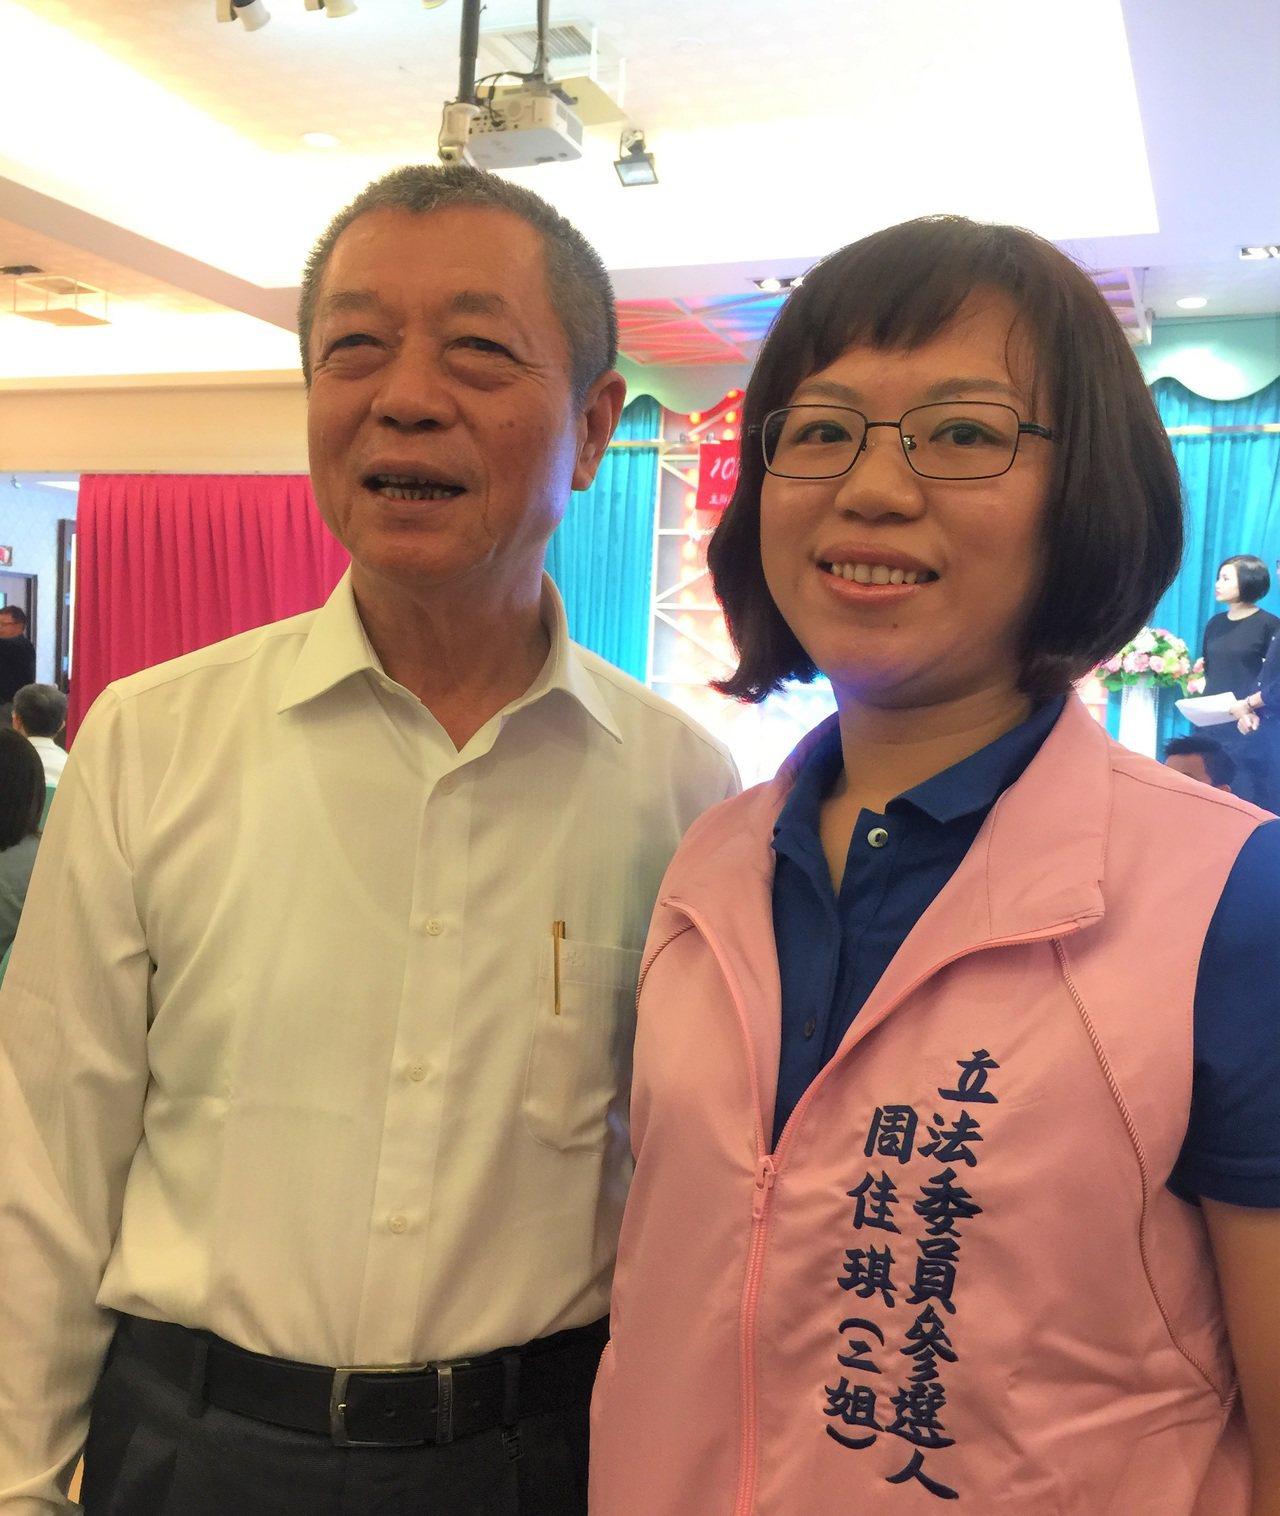 屏東二選區提名的立委參選人周佳琪(右),是屏東縣議長周典論(左)的女兒,蘇震清不...